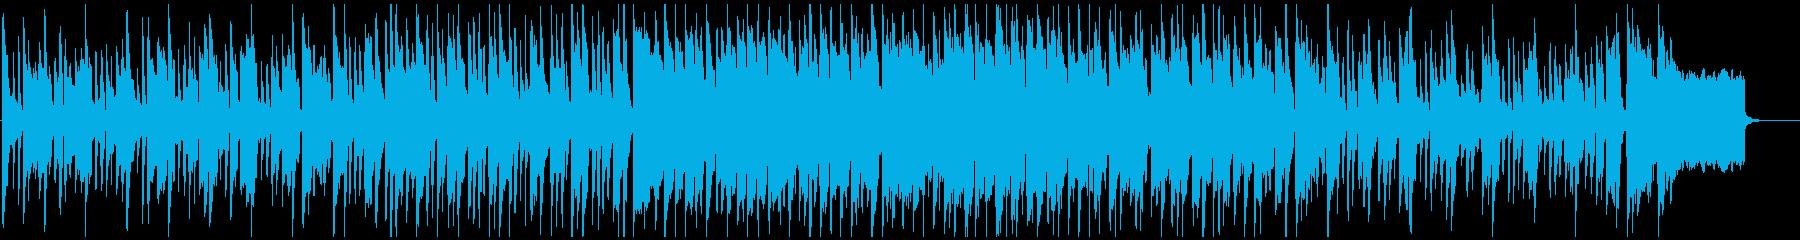 だらだら、ゆるい休日、ほのぼのリコーダーの再生済みの波形